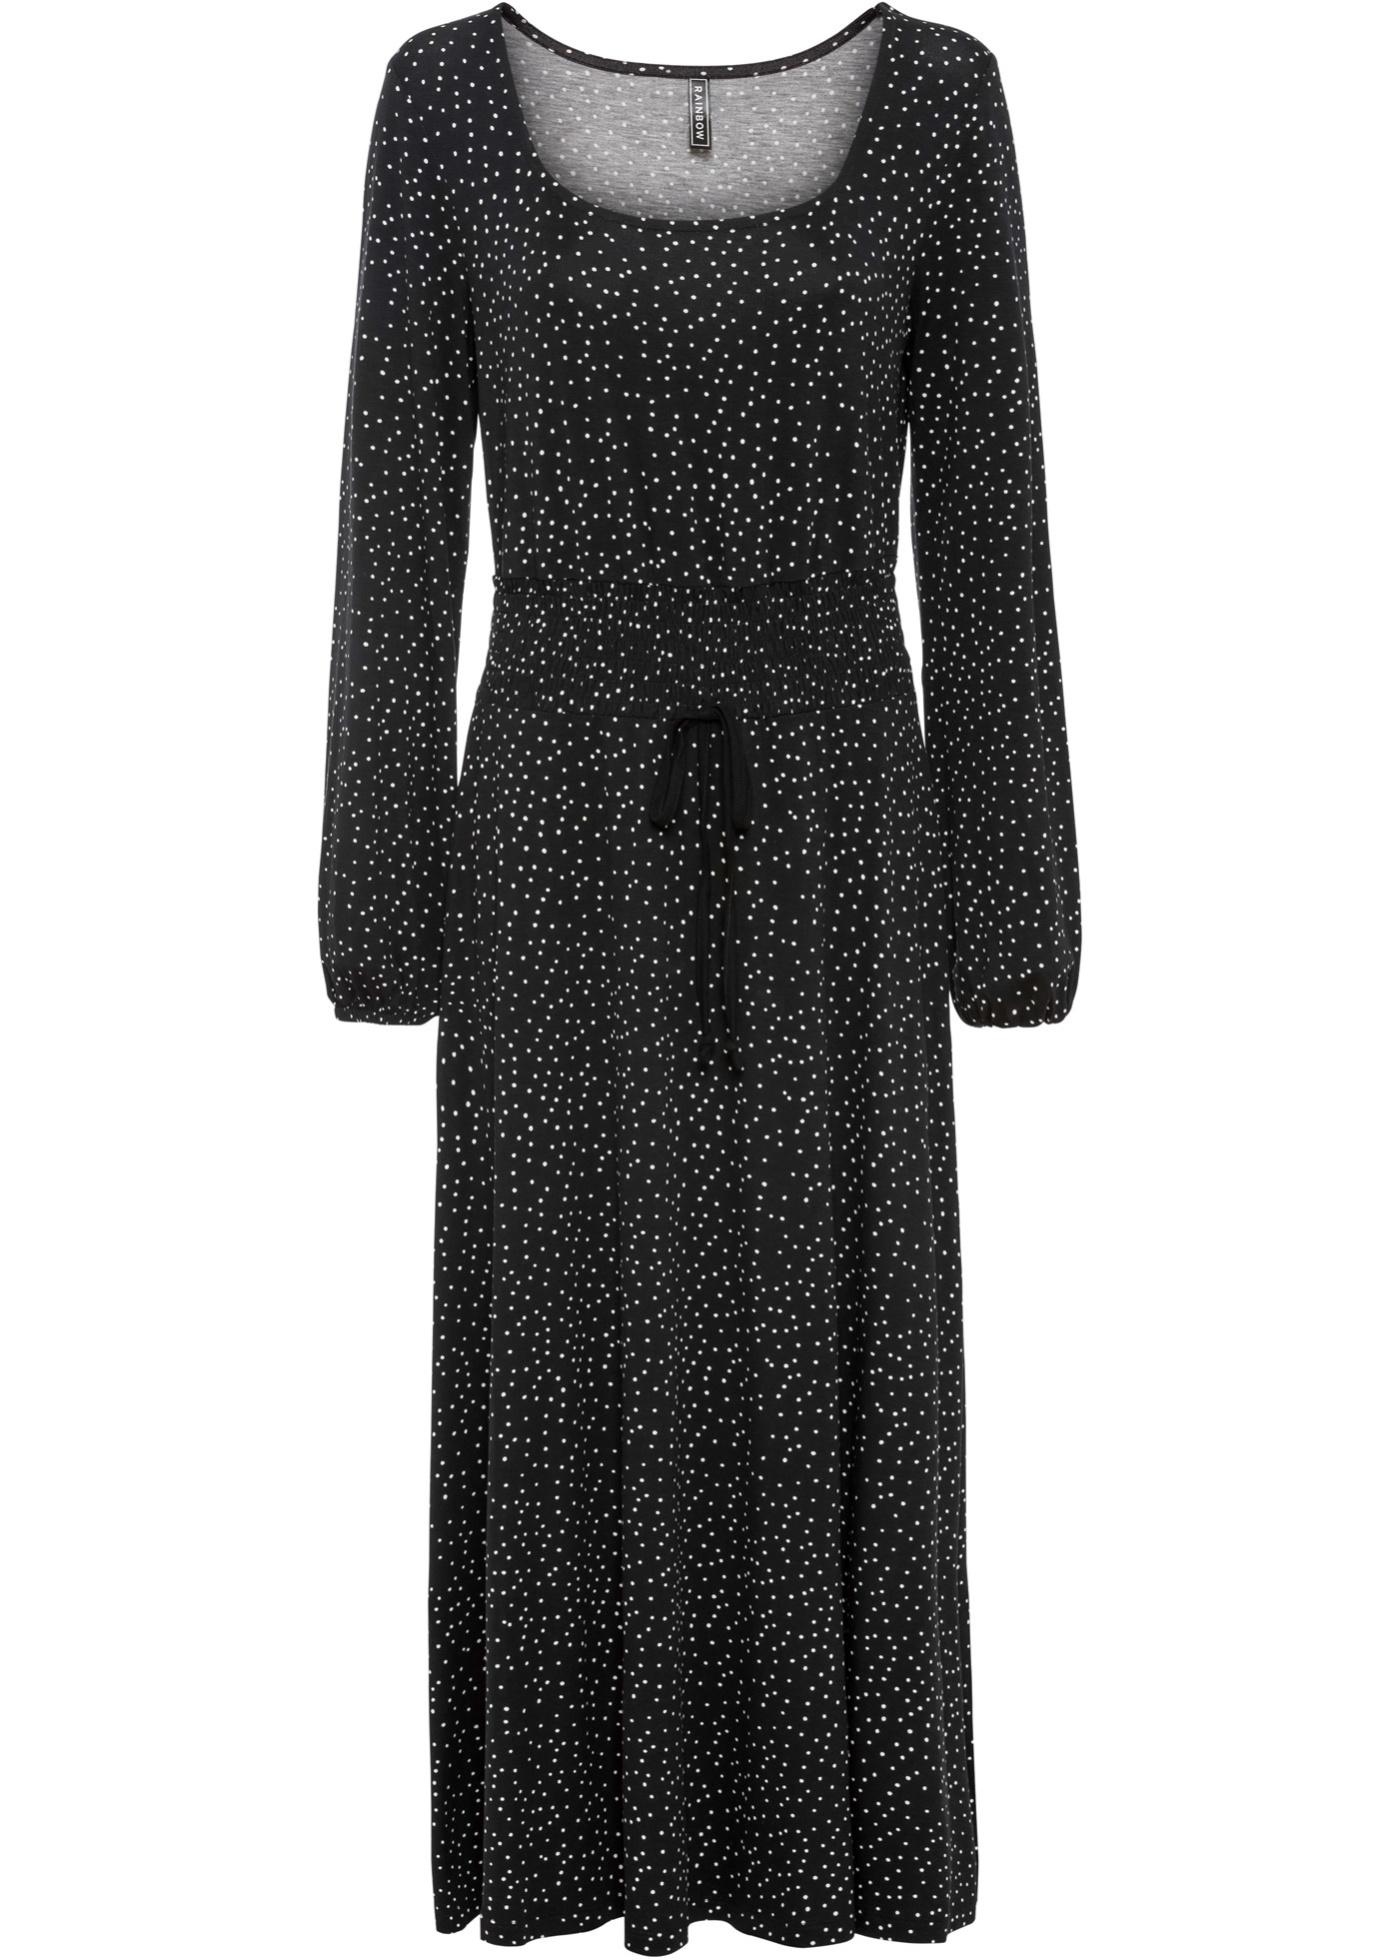 Levné Žerzejové šaty   Černá barva šatů